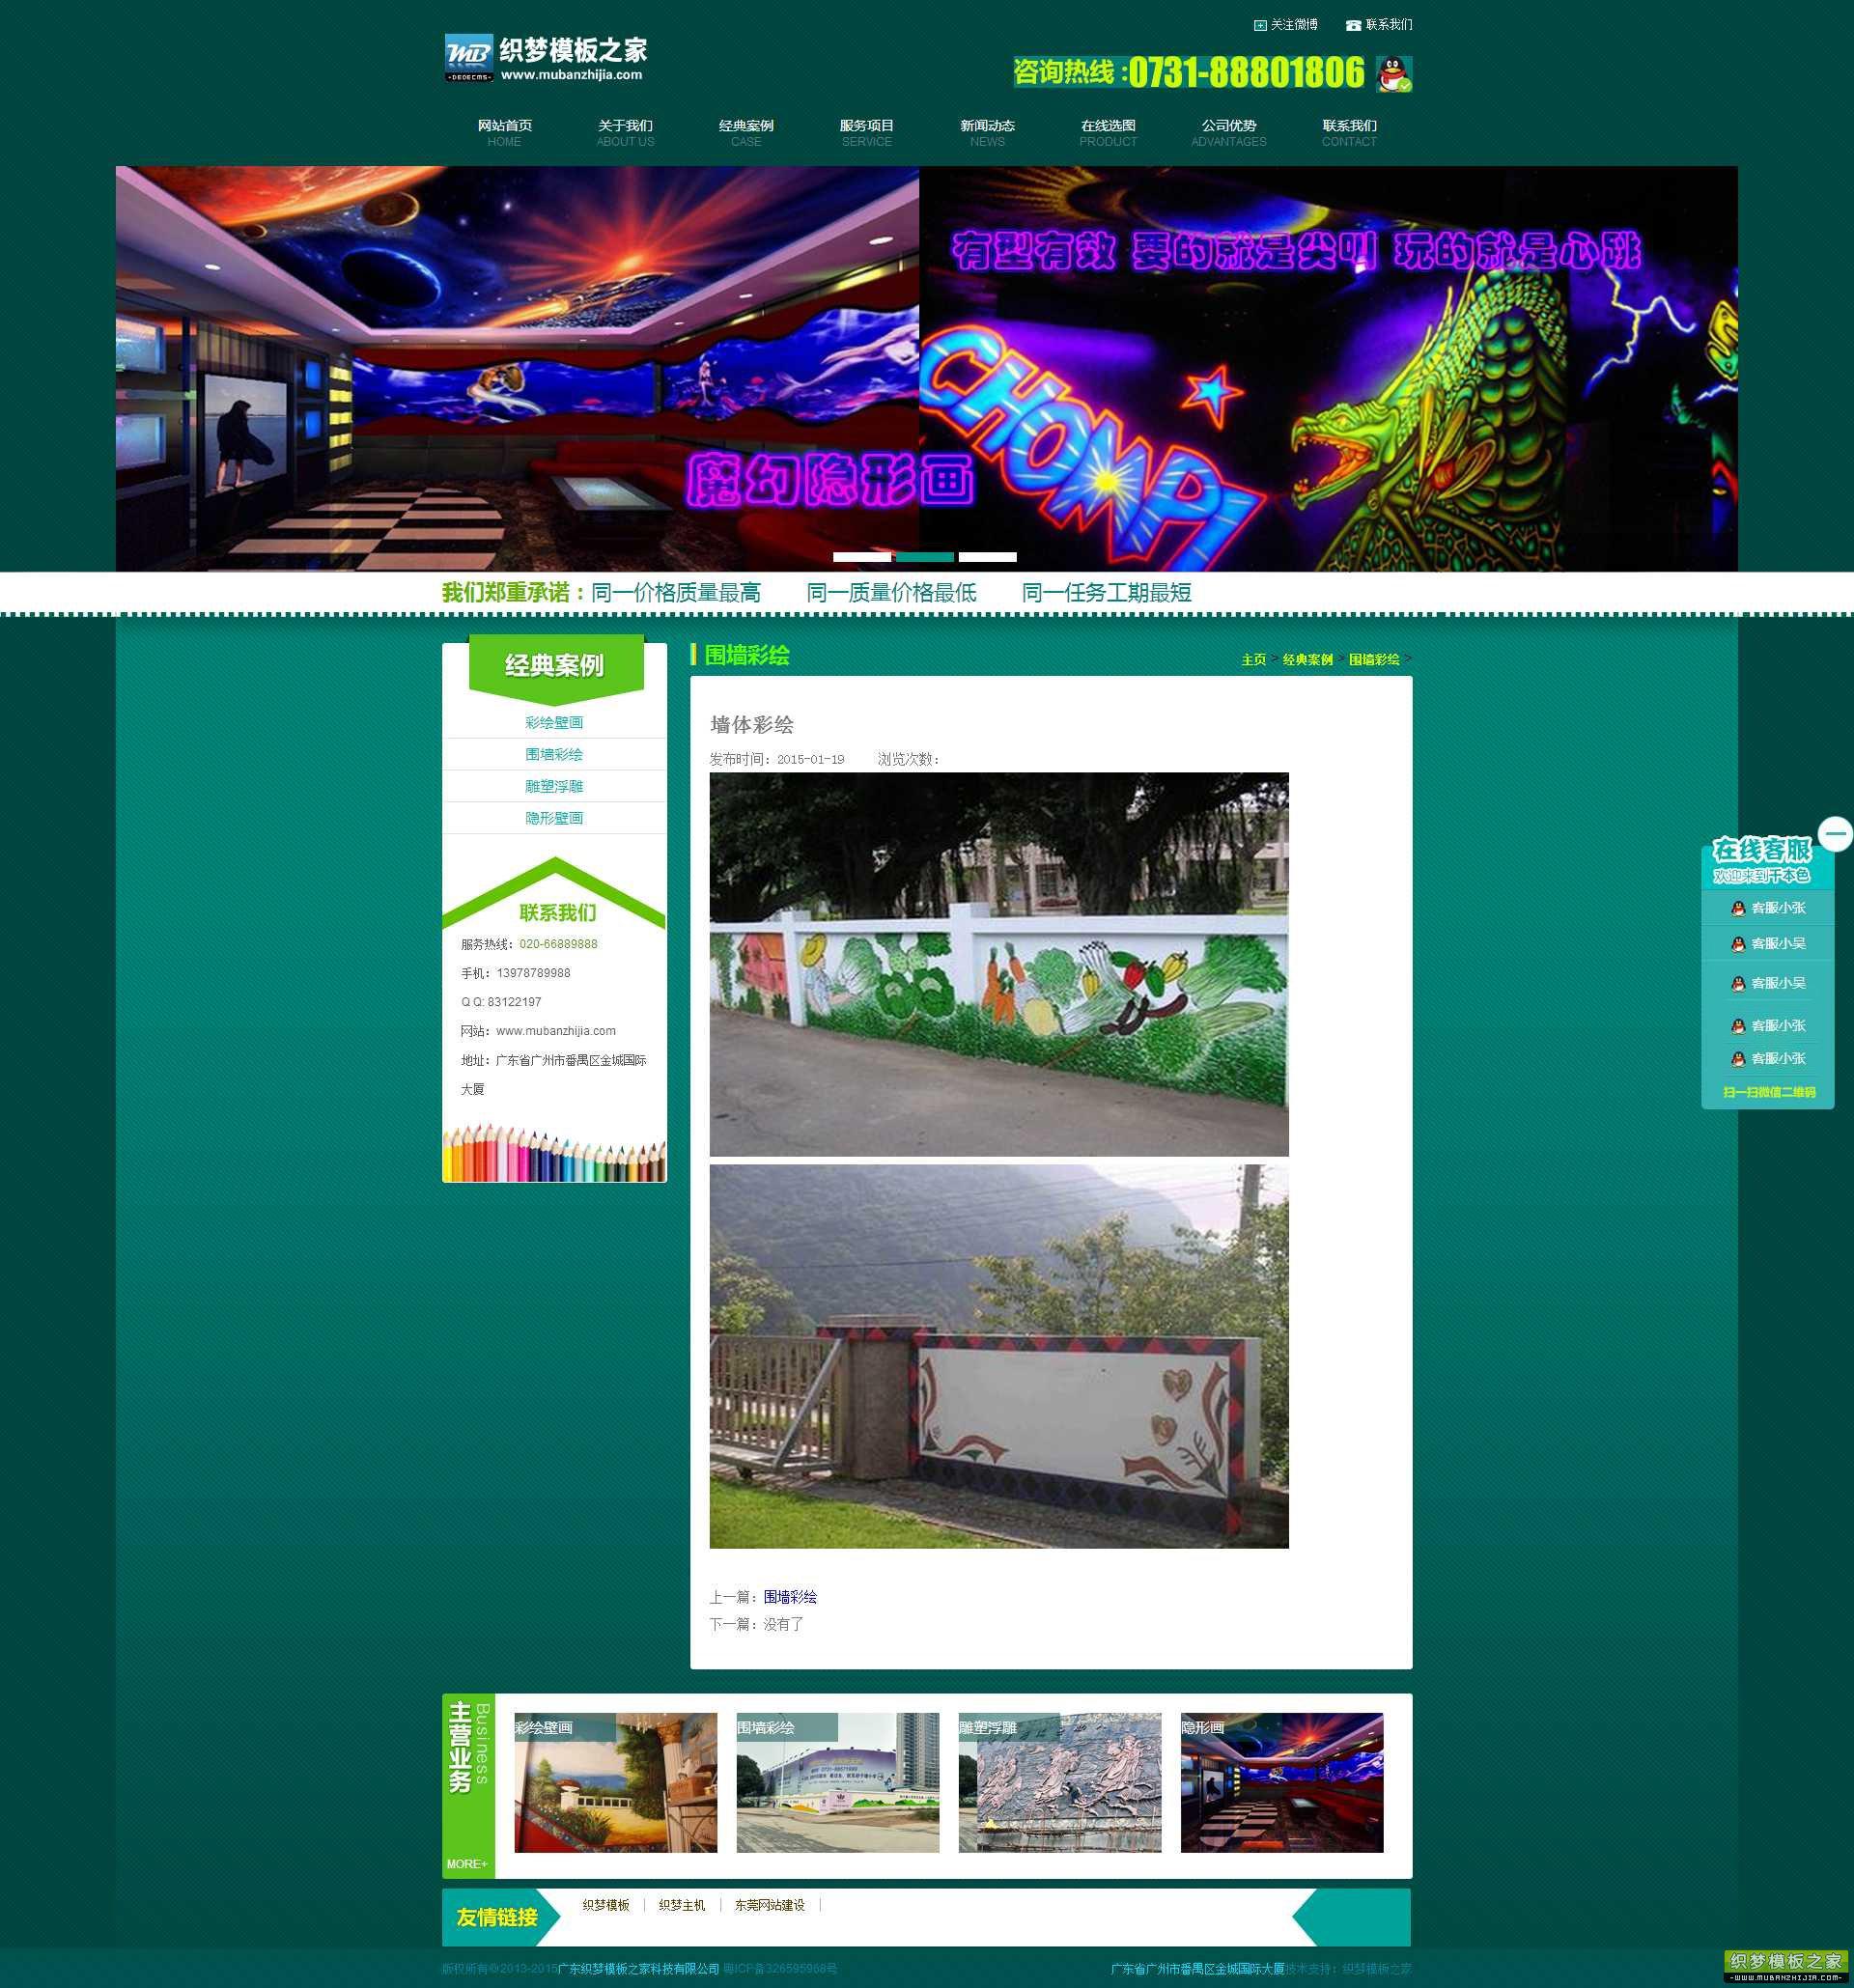 草根吧 墙绘装饰设计公司网站织梦模板免费下载 DEDECMS,免费资源,企业网站,设计制作,装饰设计 wordpress|织梦cms f1be00771c4e4547a123b1fde7d59886_th